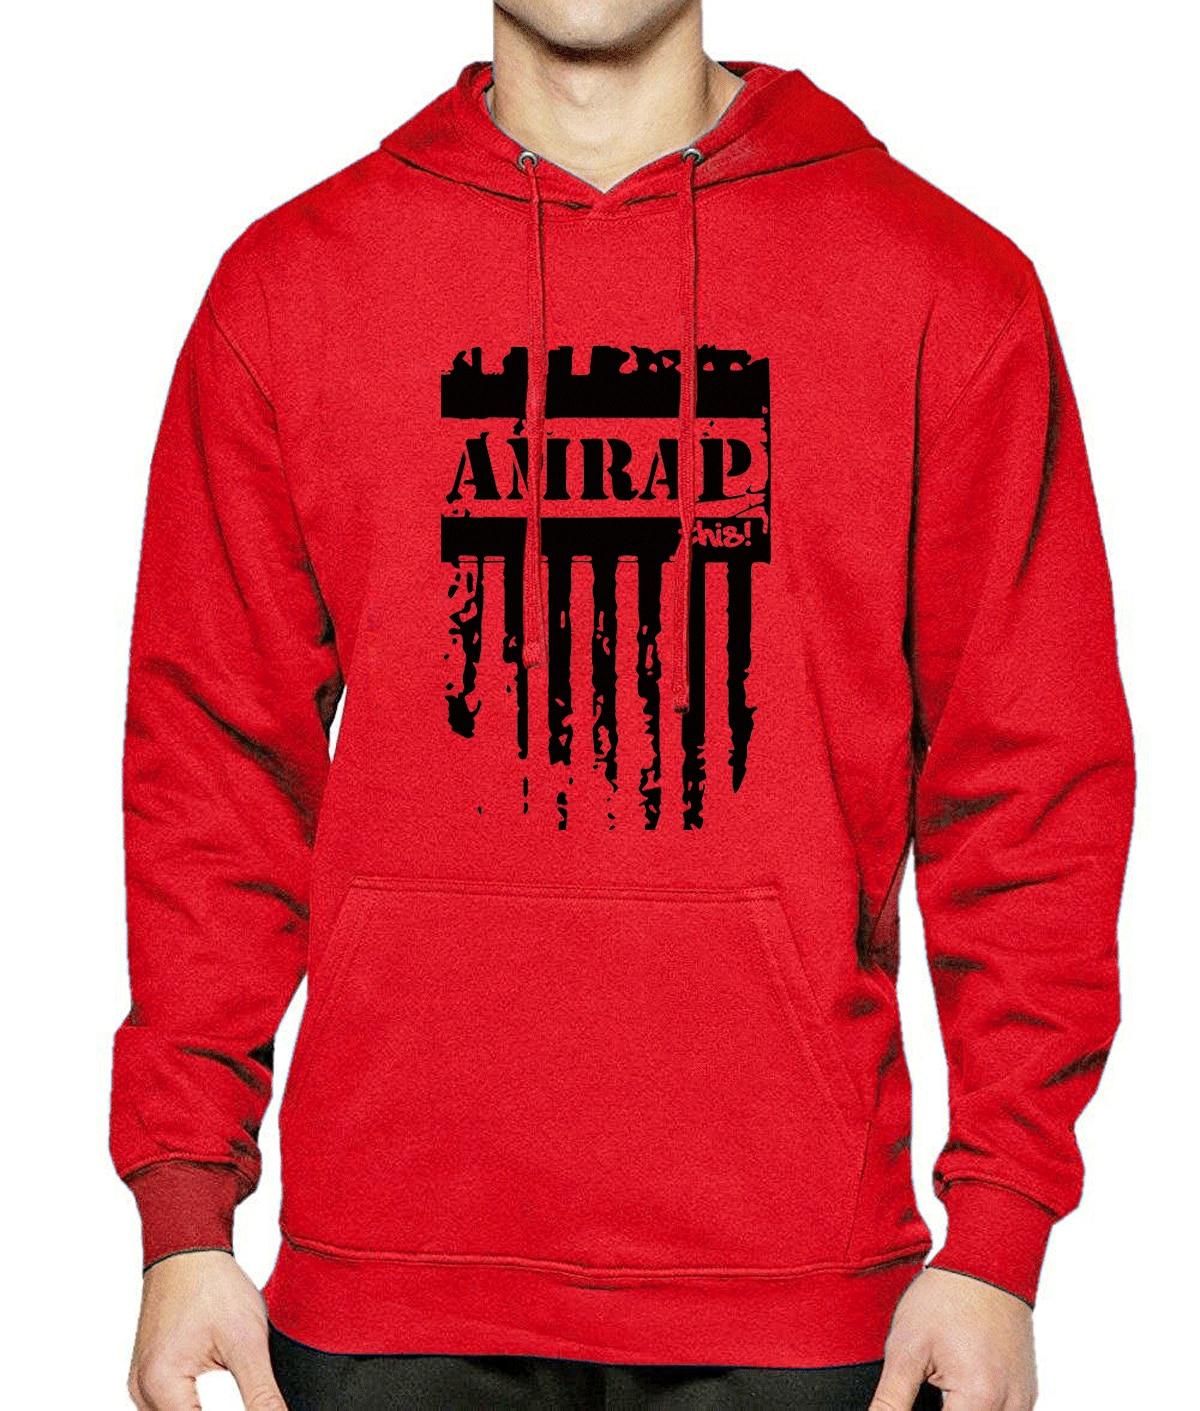 2017 Spring Winter Men Hoodie AMRAP Letter Print Fleece Warm Hoodies Mens Brand Crossfit Hip Hop Men's Sportswear Hoody With Hat